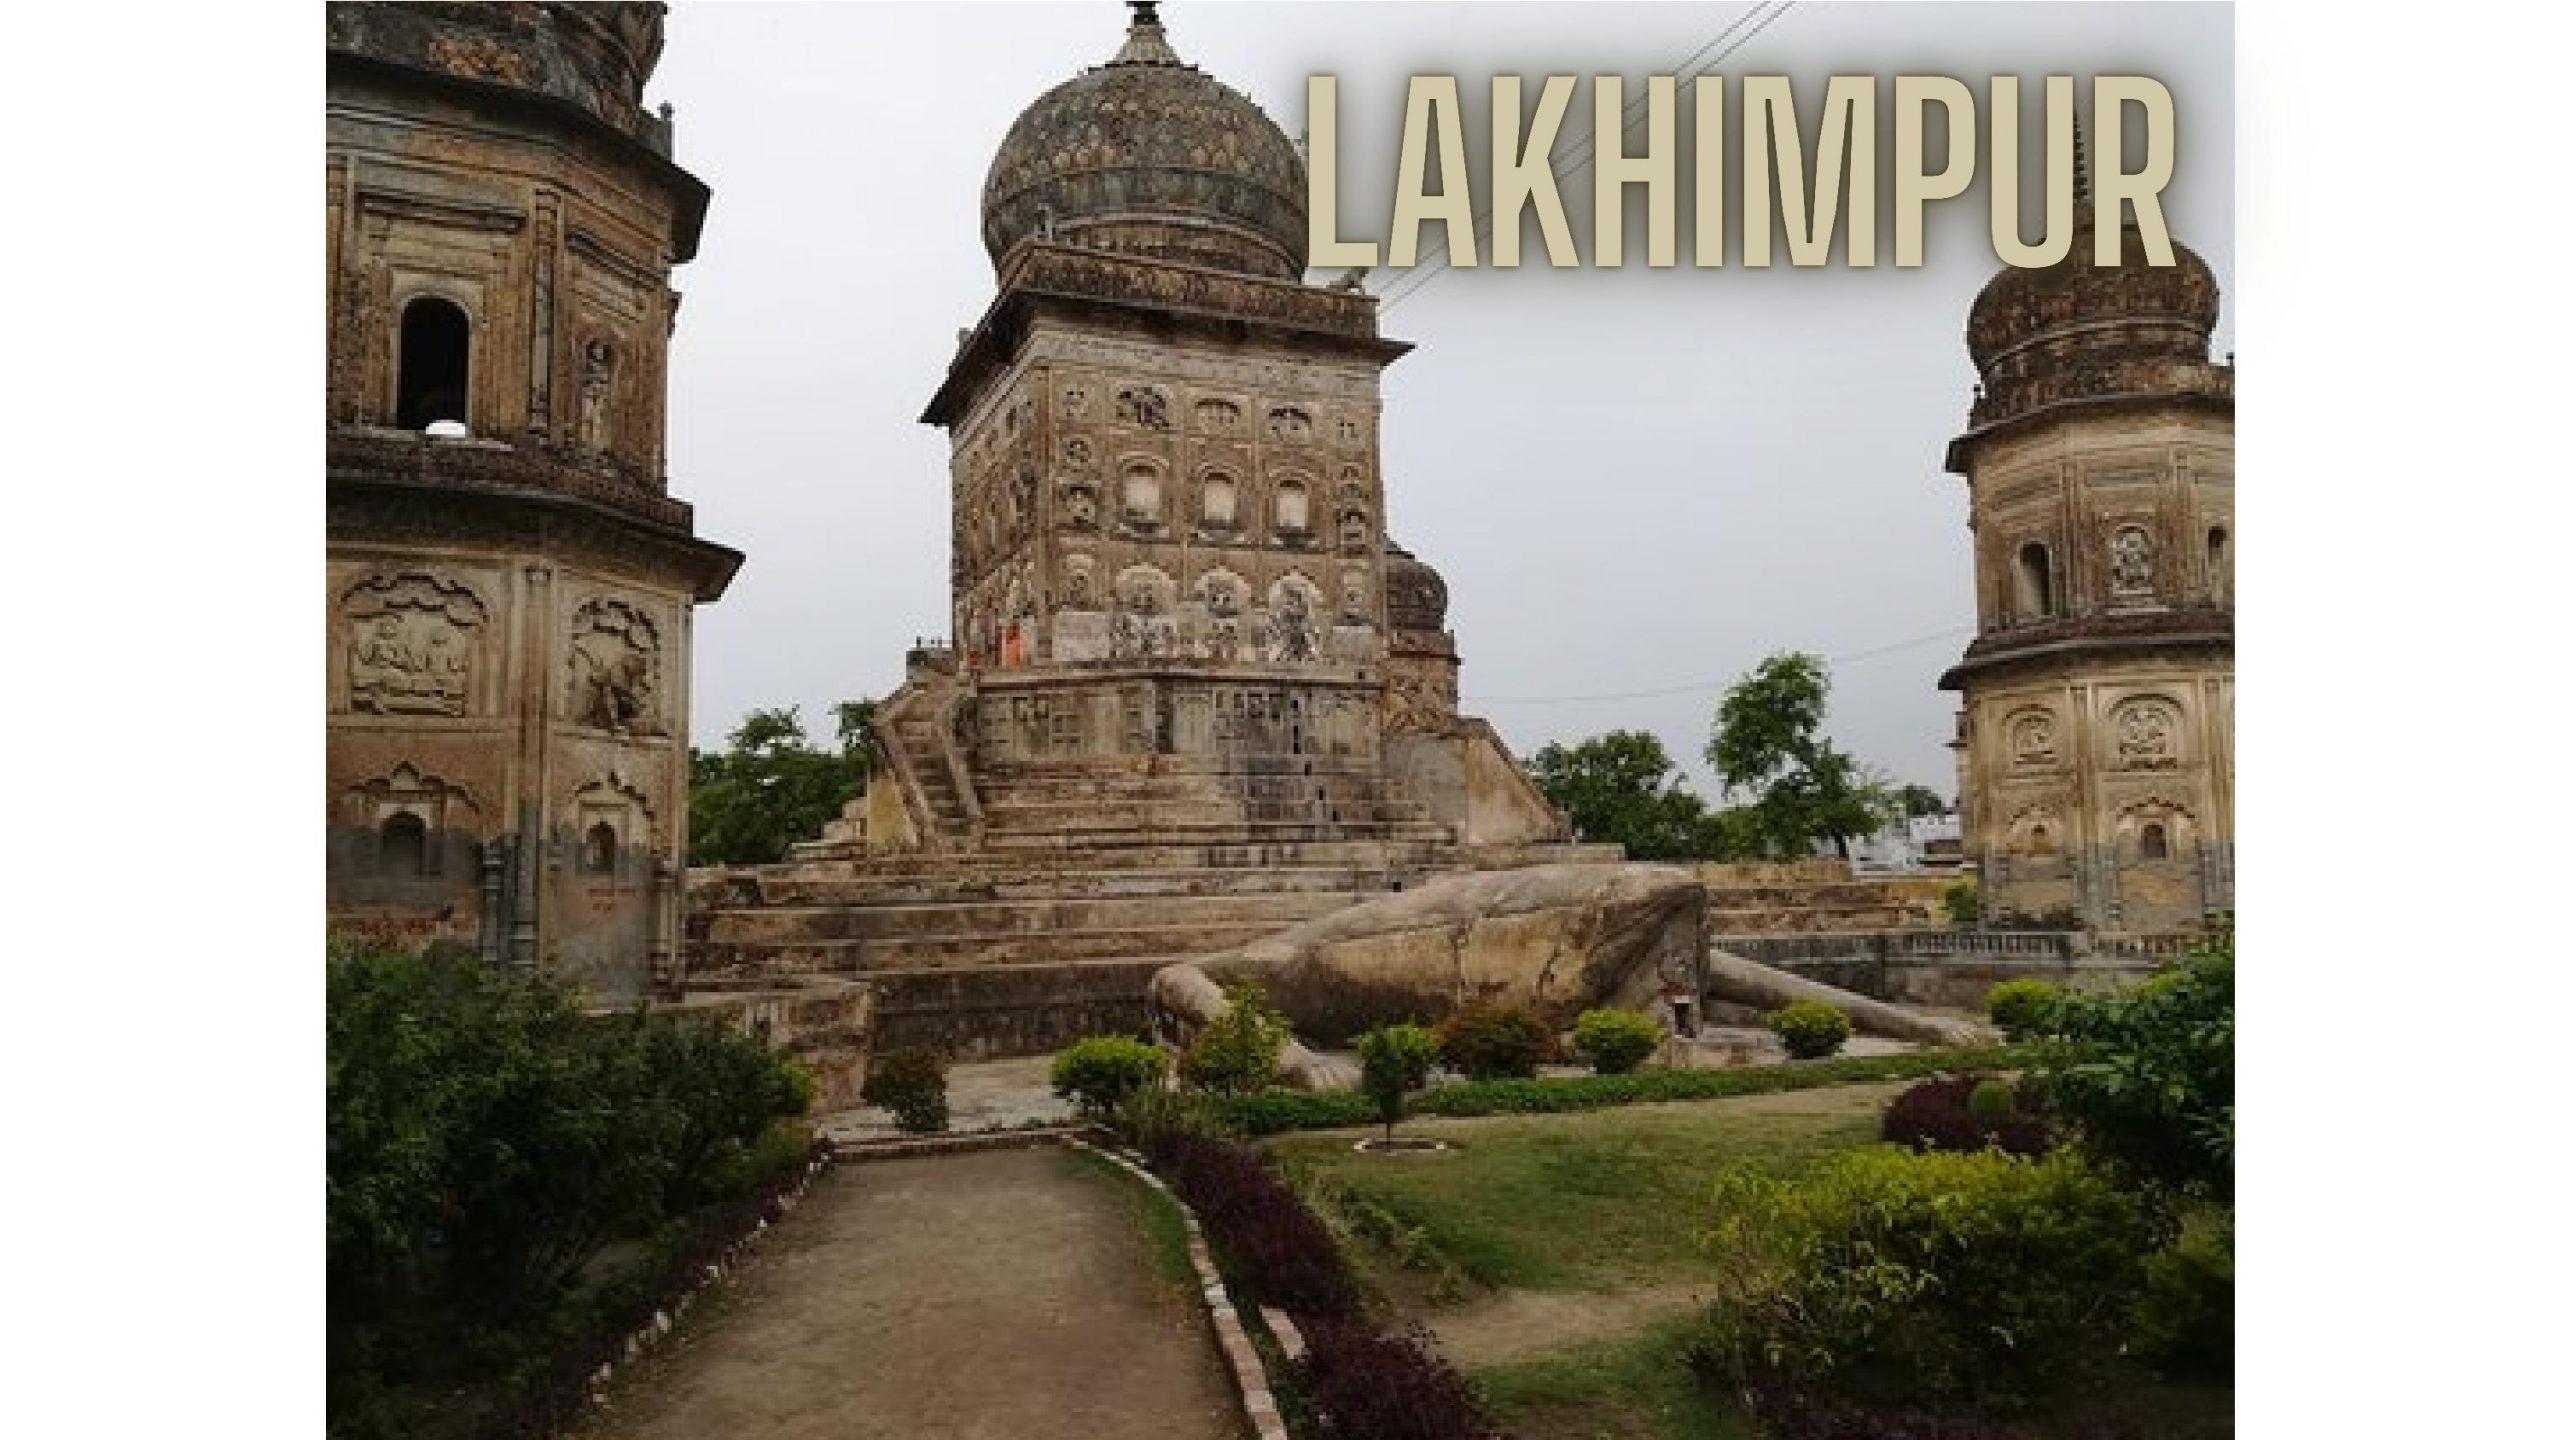 lakhimpur interior designer and decorators